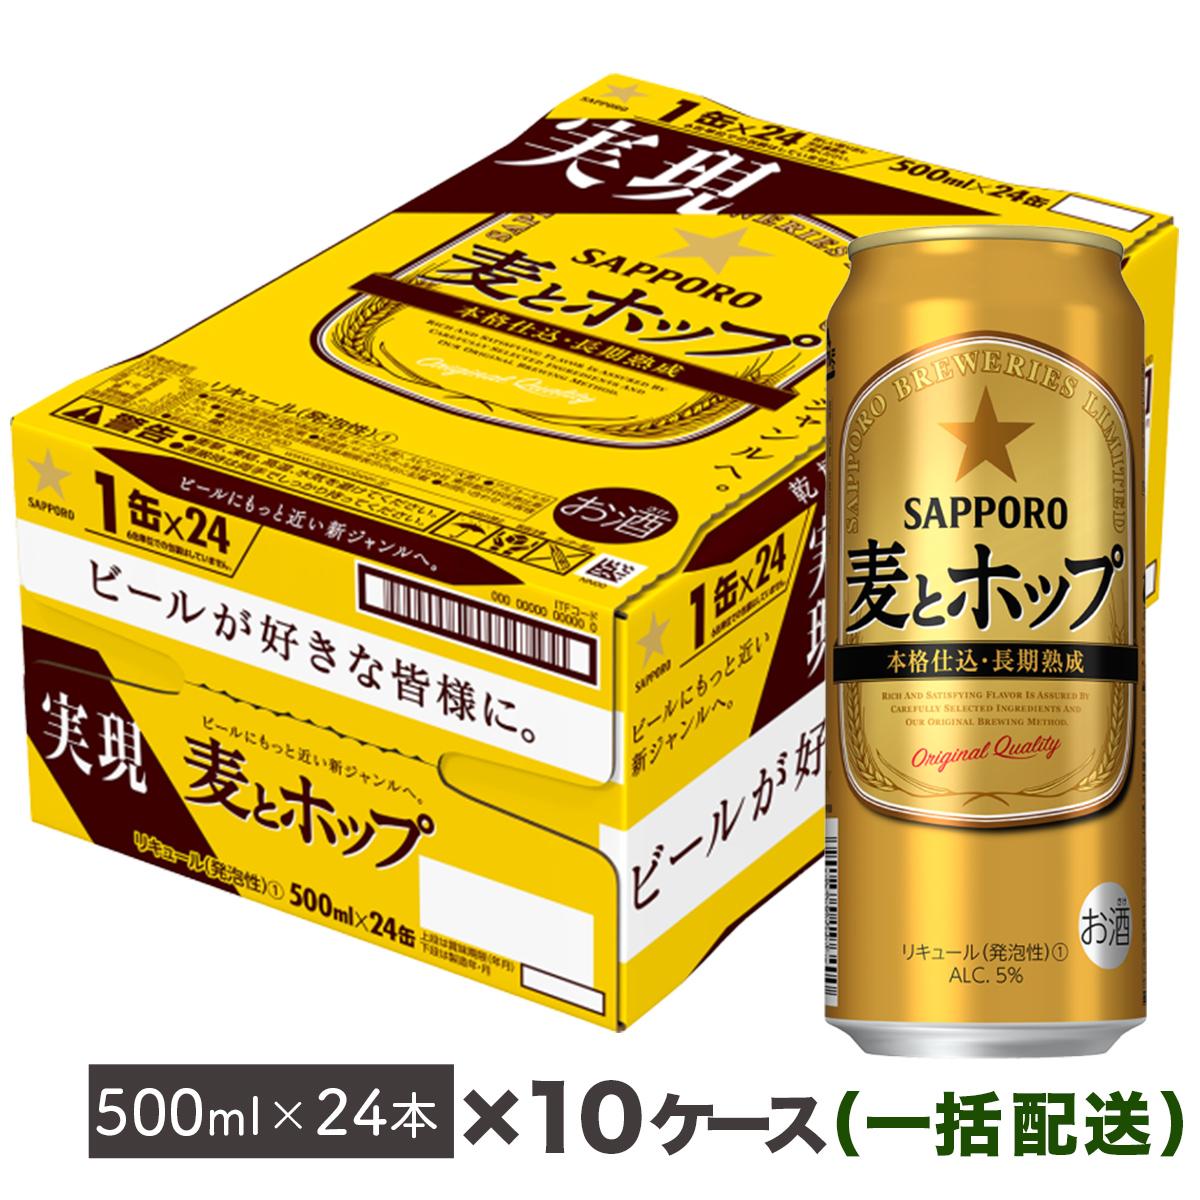 【ふるさと納税】地元名取生産 麦とホップ 500ml 24本 10箱お届け(同時お届け)